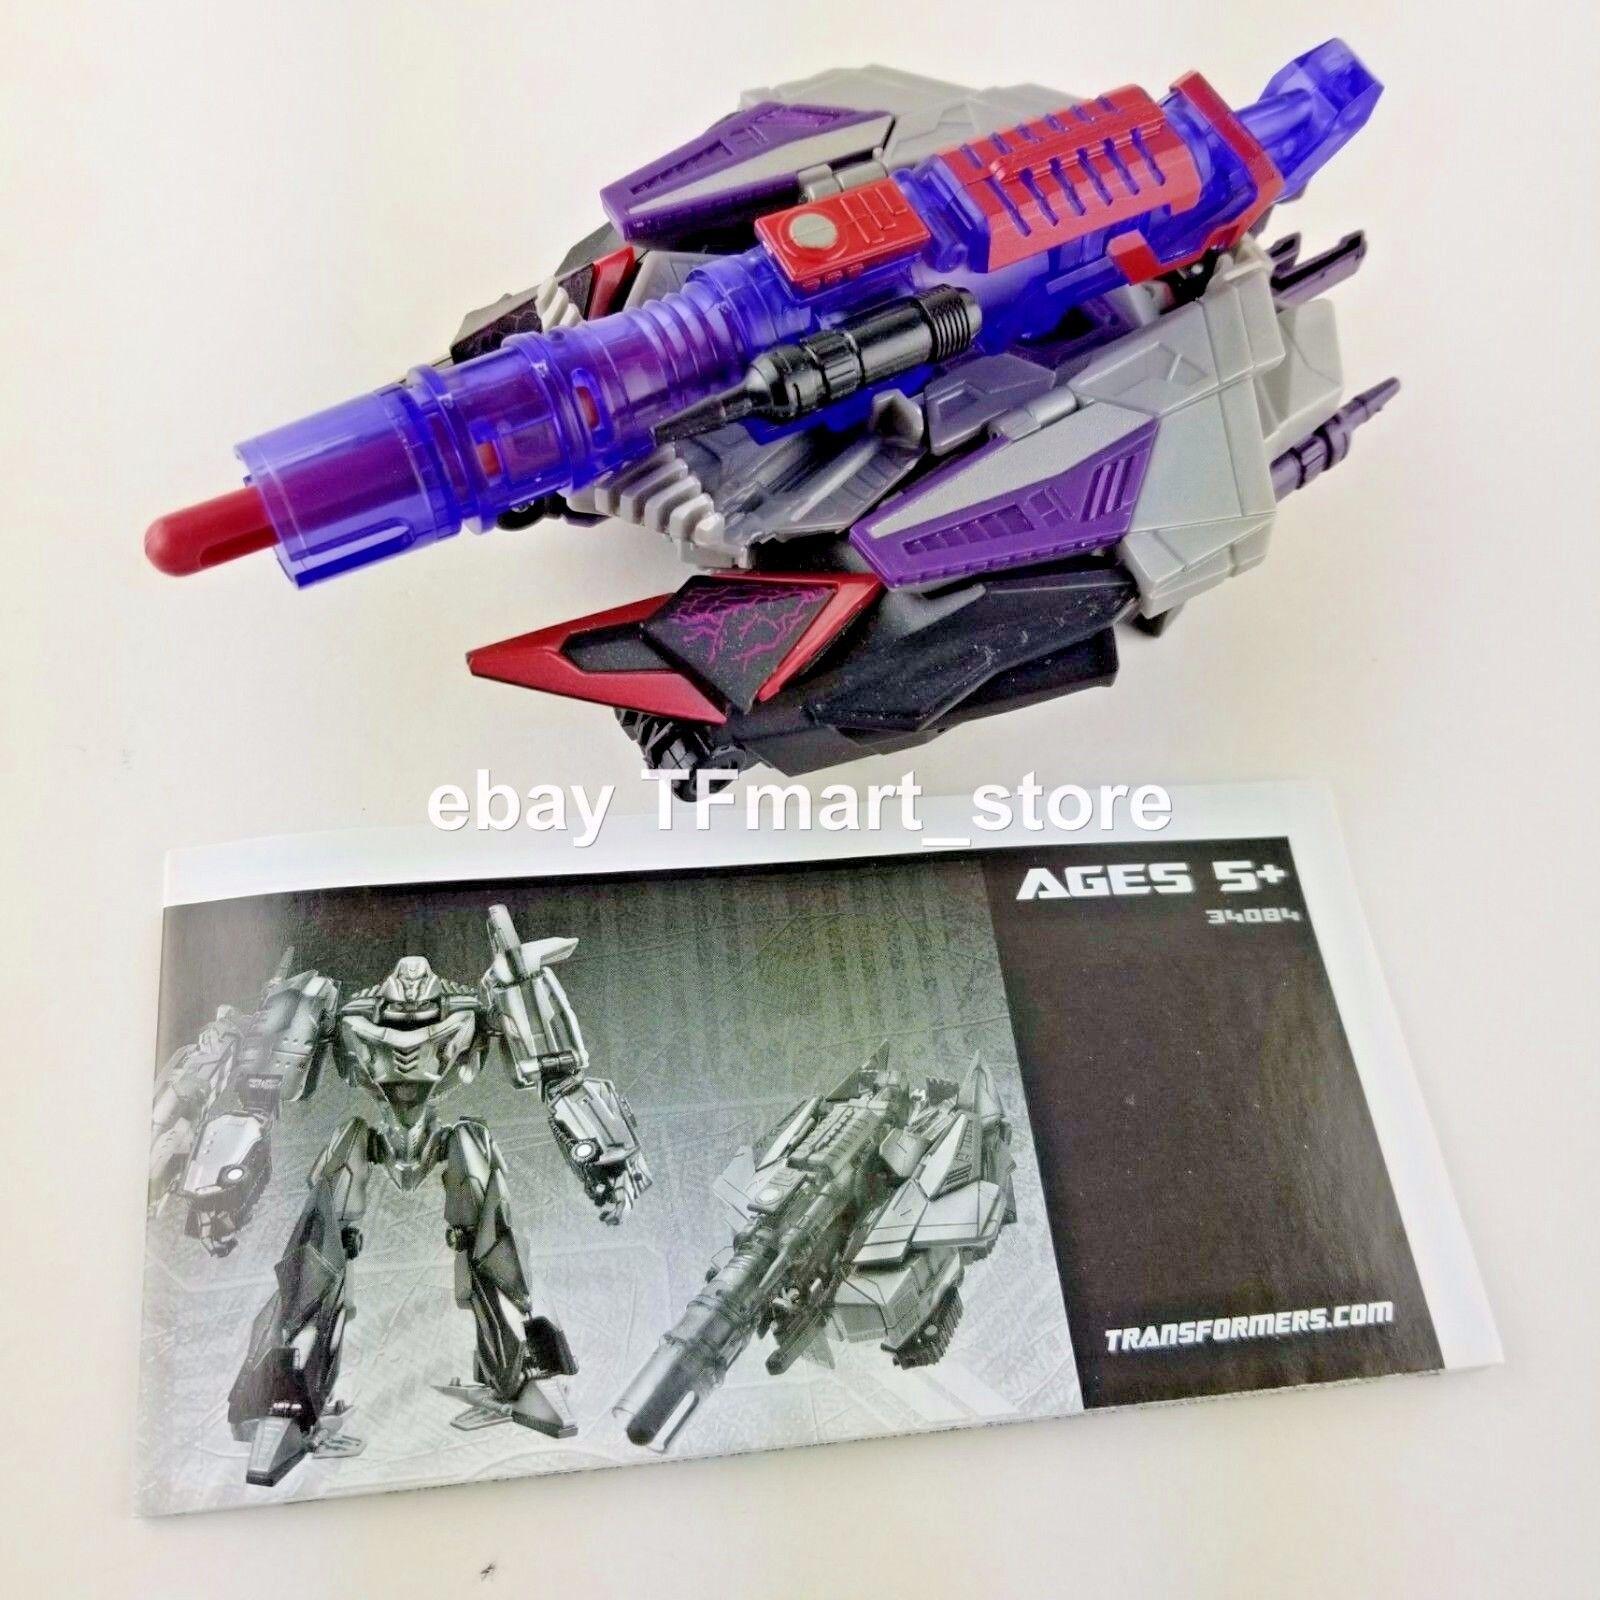 moda clasica Transformers Transformers Transformers Rage sobre Caída de Cybertron Megatron Transparente Exclusivo  ¡No dudes! ¡Compra ahora!